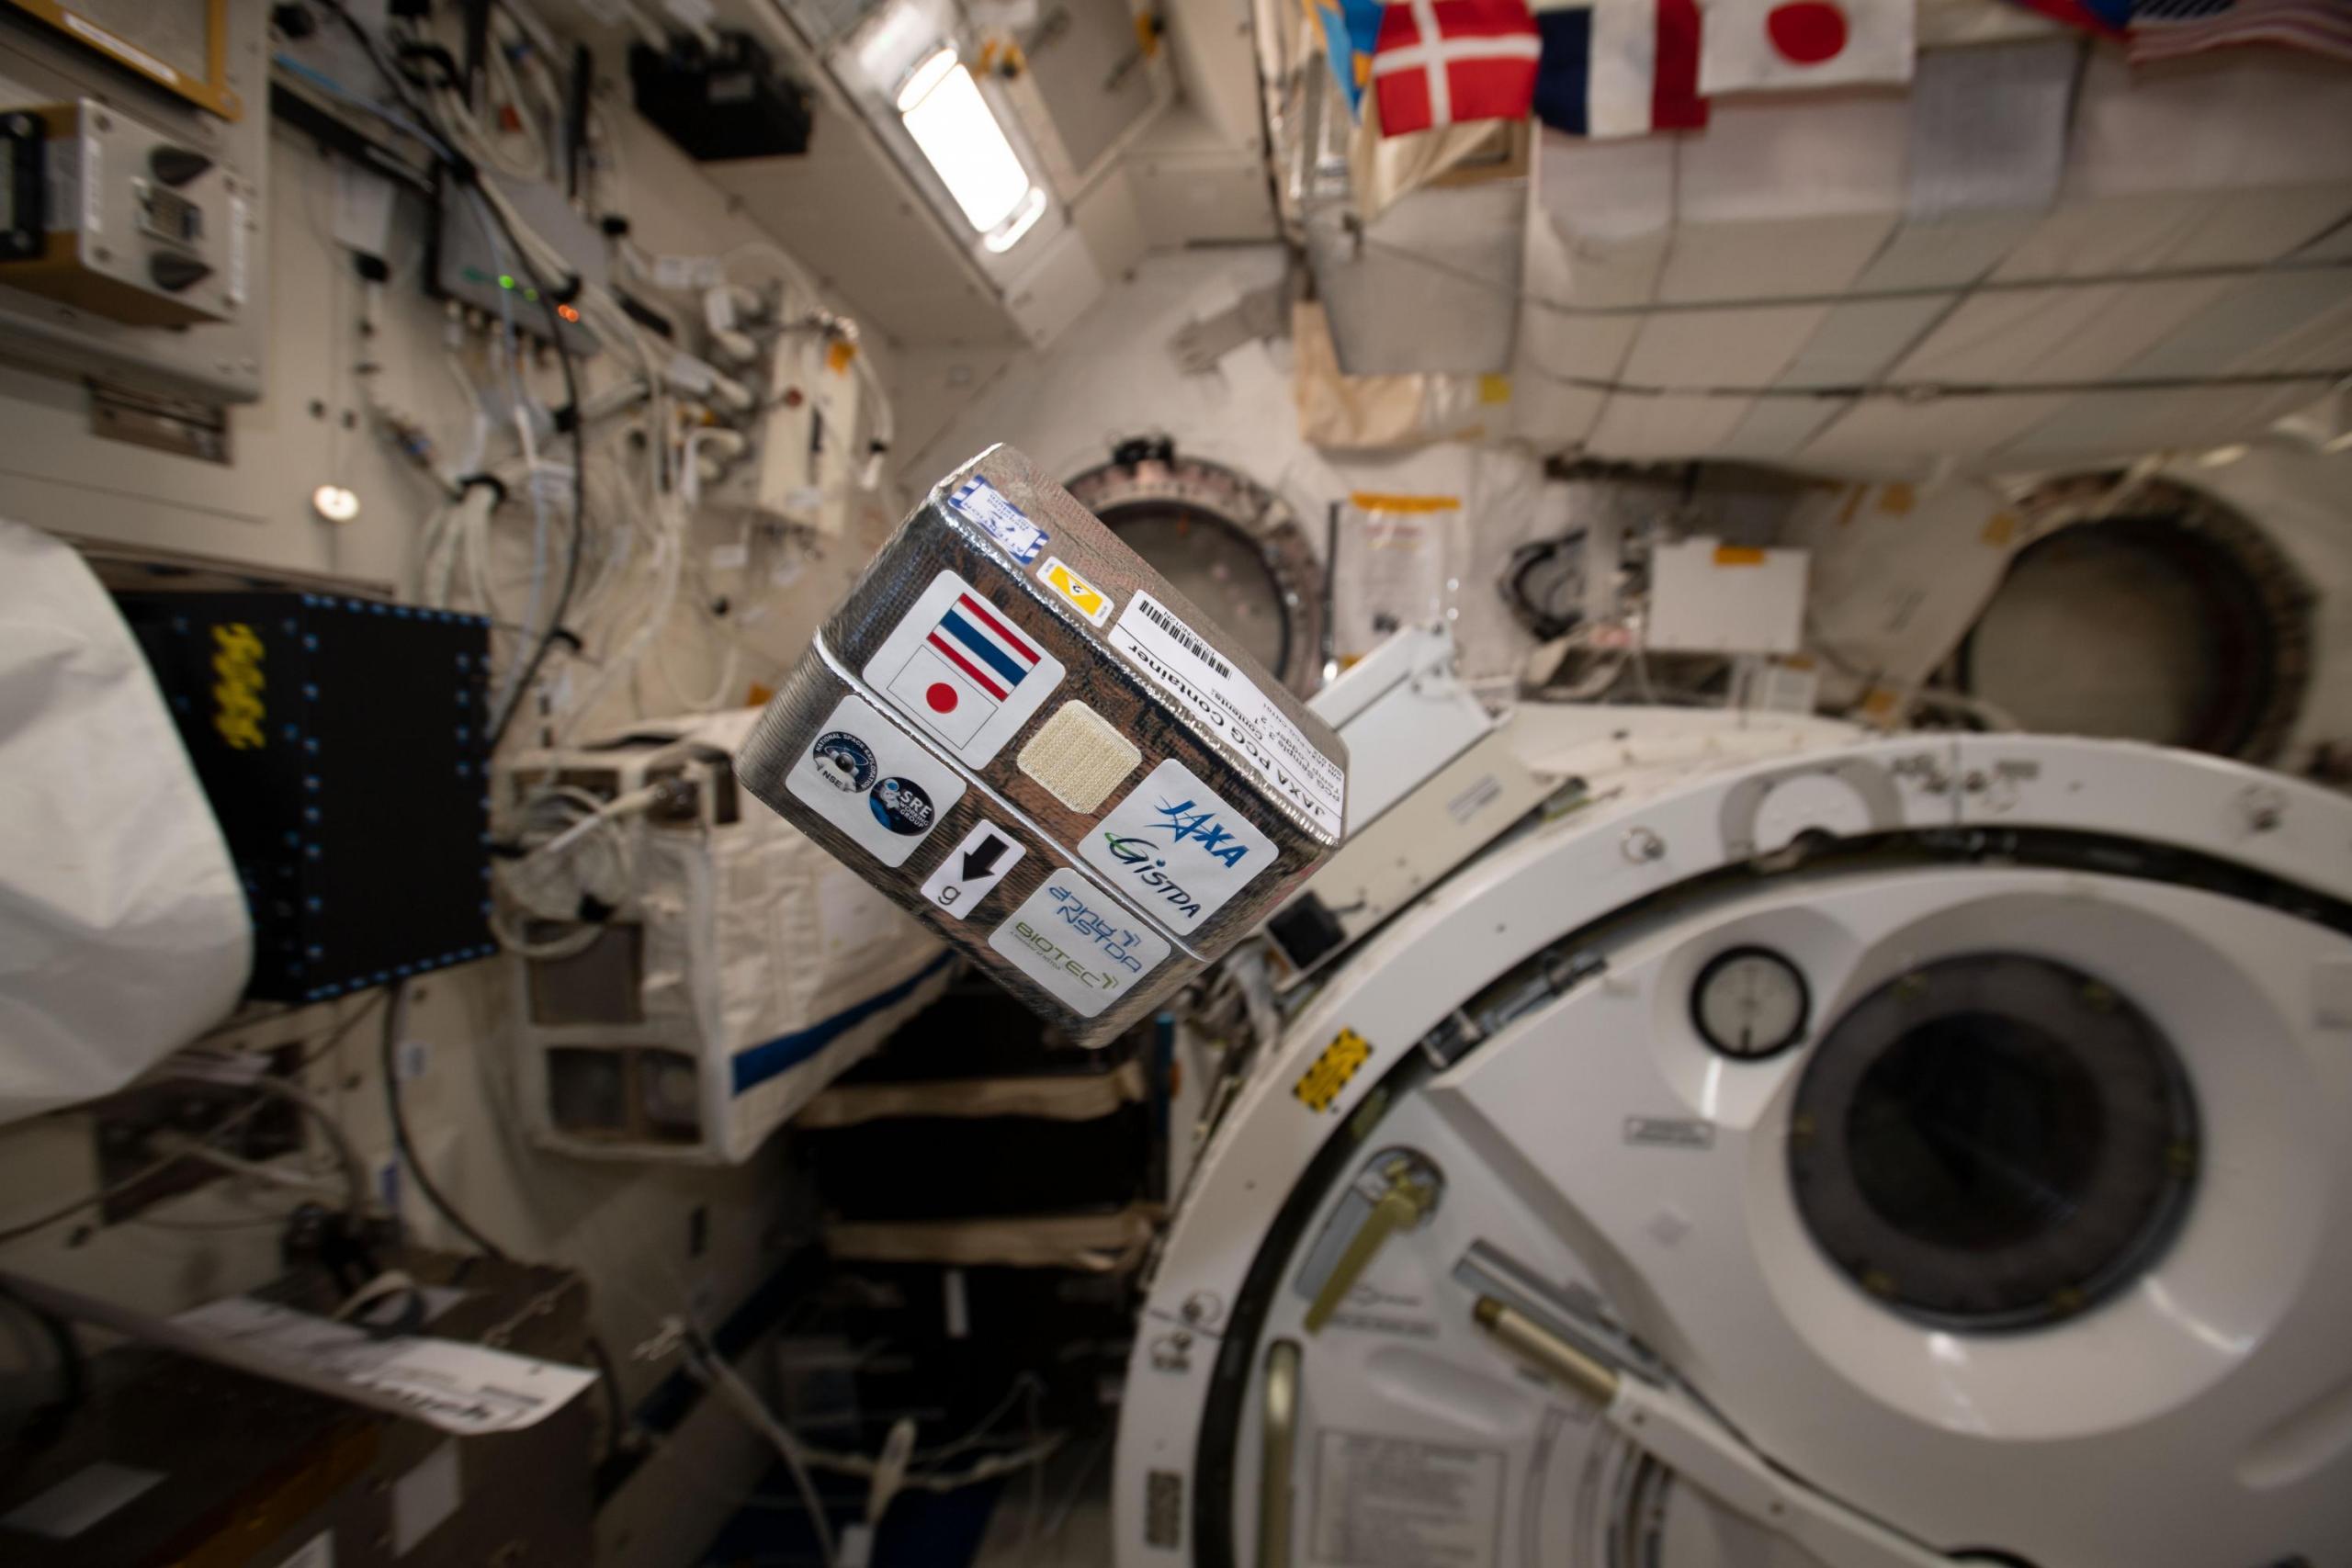 Hardware JAXA Moderate Temp PCG dentro de la estación espacial